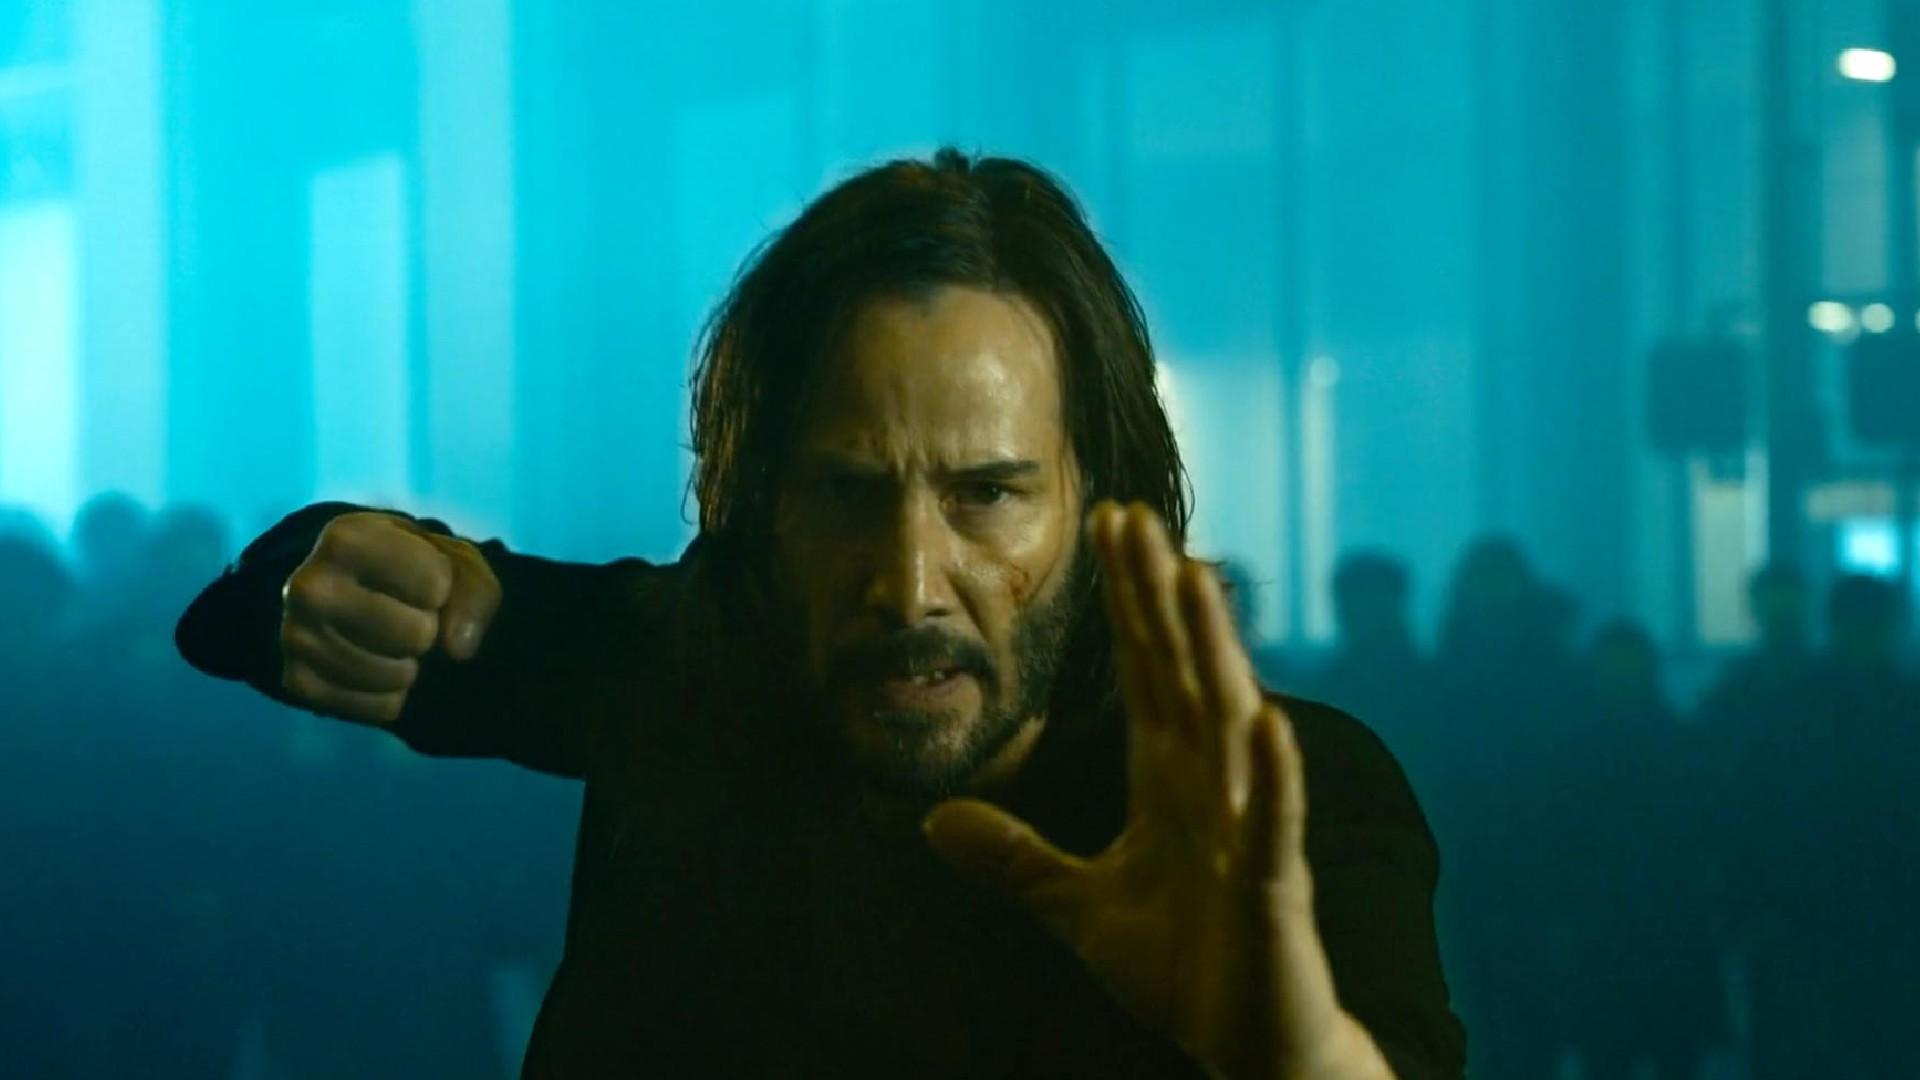 Voici les toutes premières images spectaculaires de Matrix 4 : Resurrections